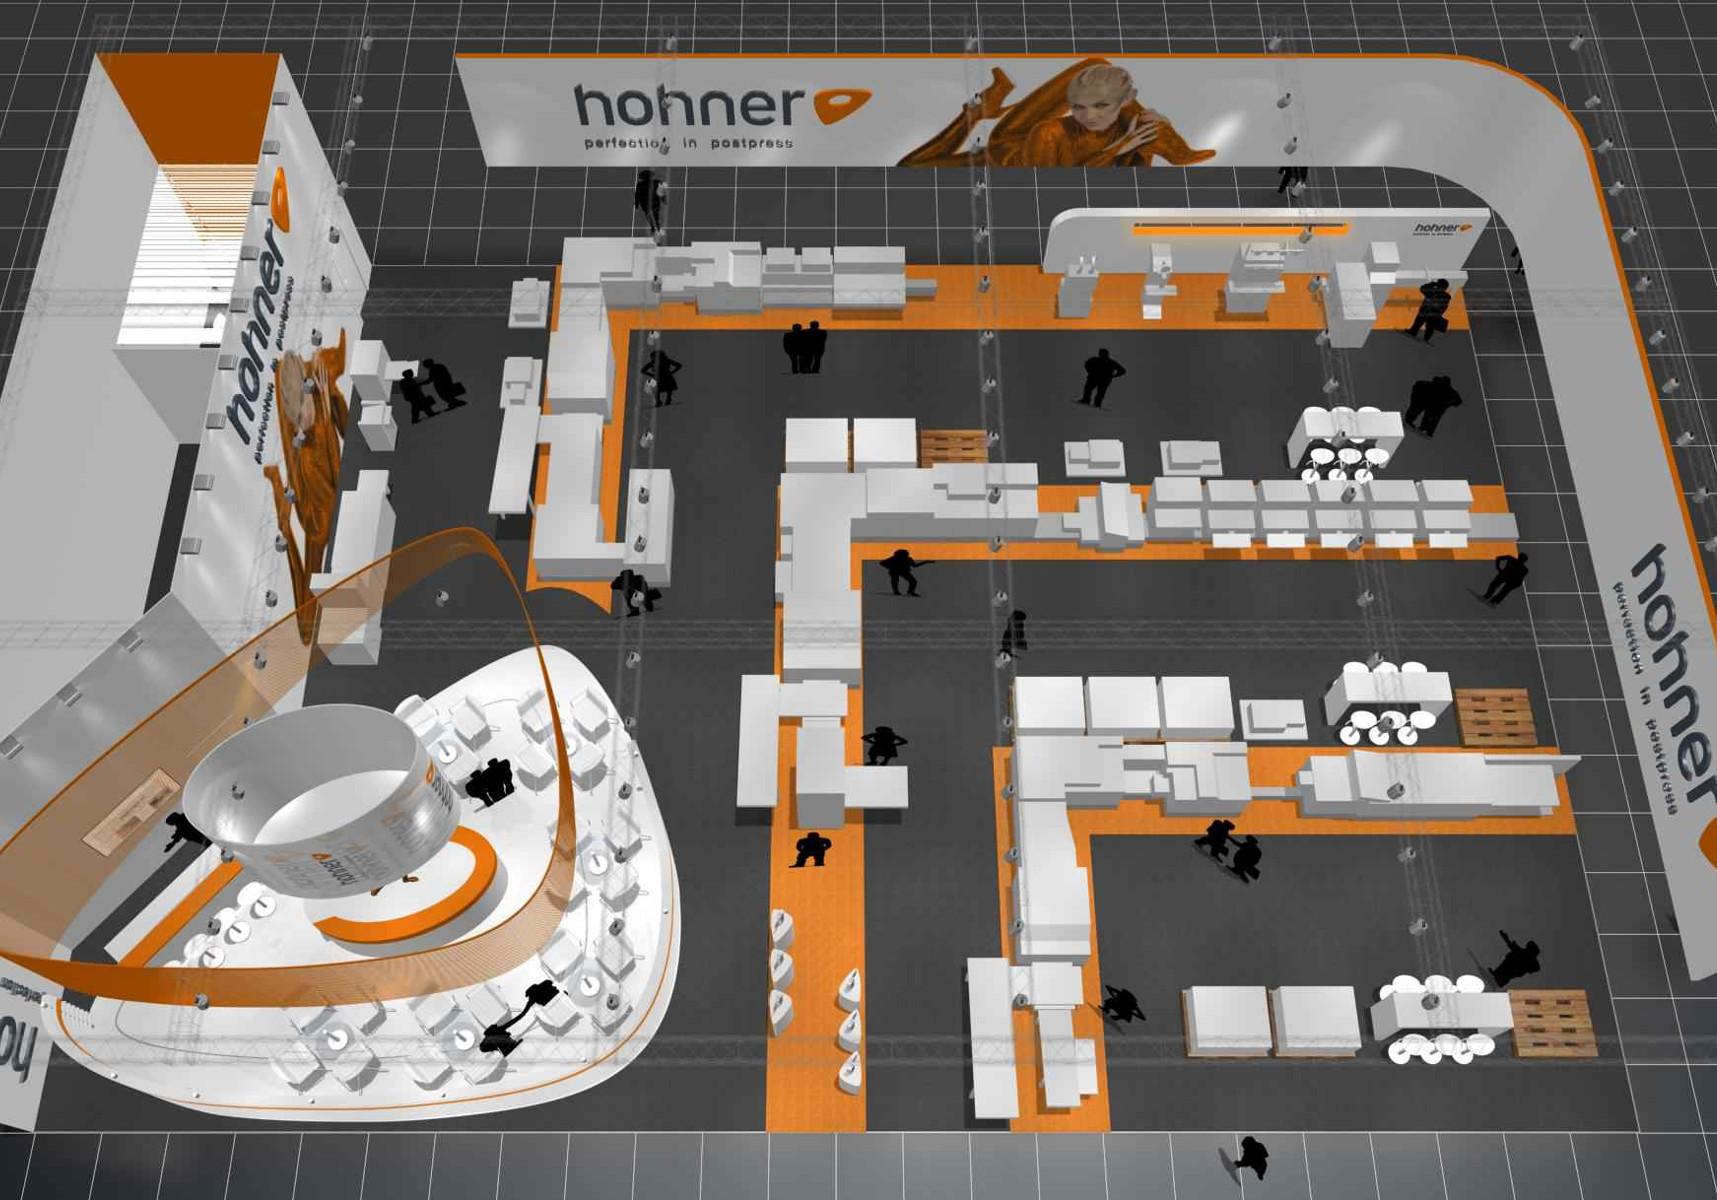 Hohner Messestand Drupa Düsseldorf Visualisierung 2